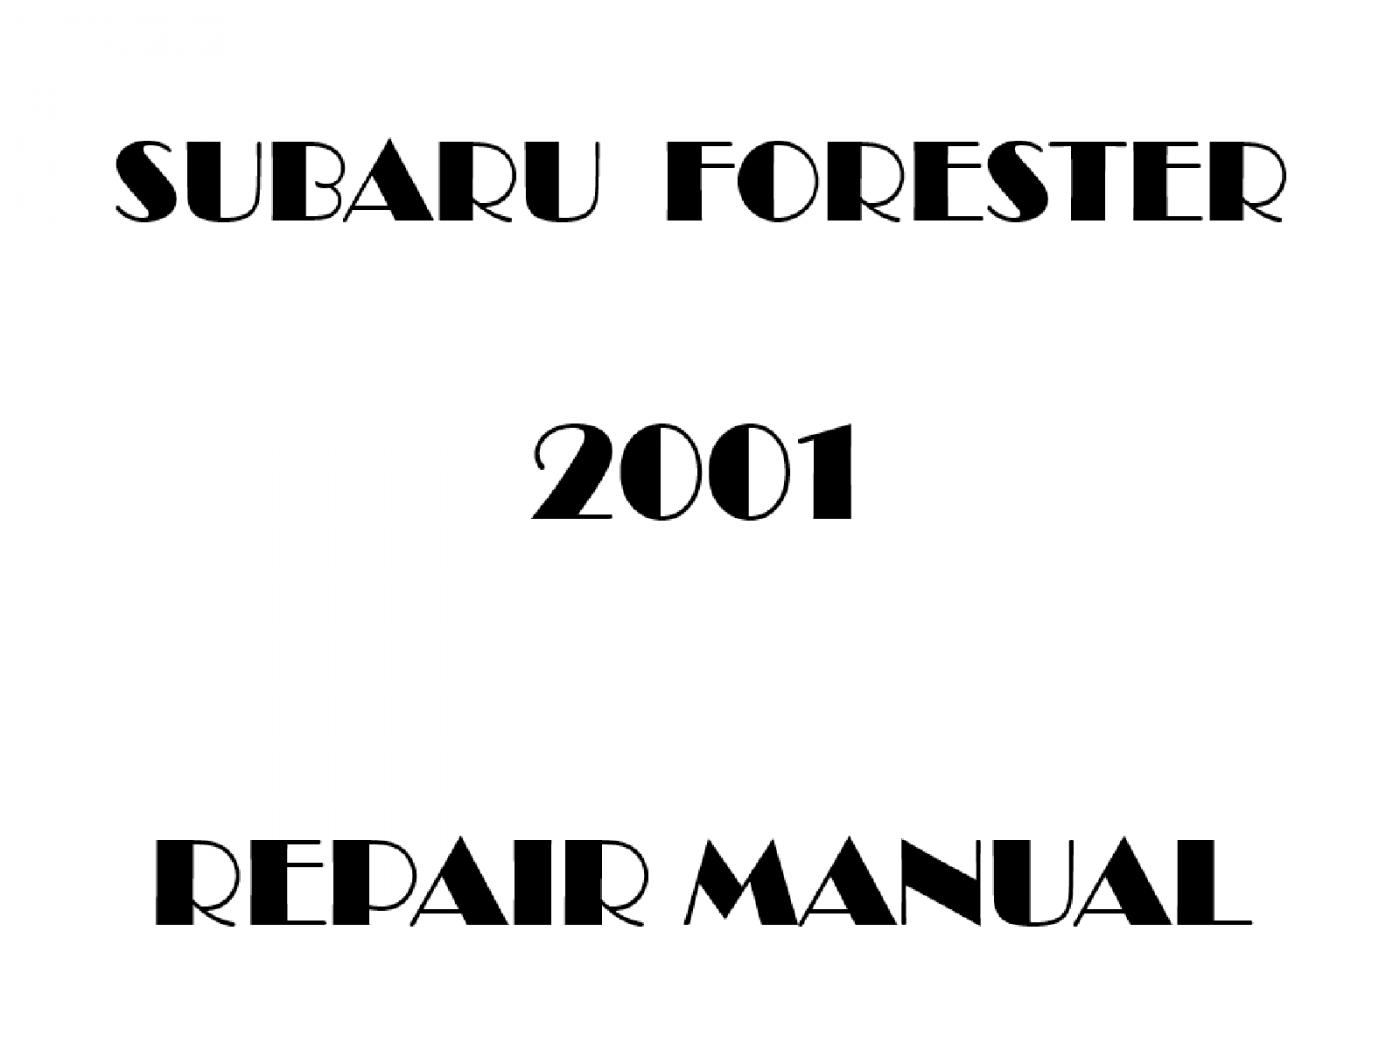 2001 Subaru Forester repair manual